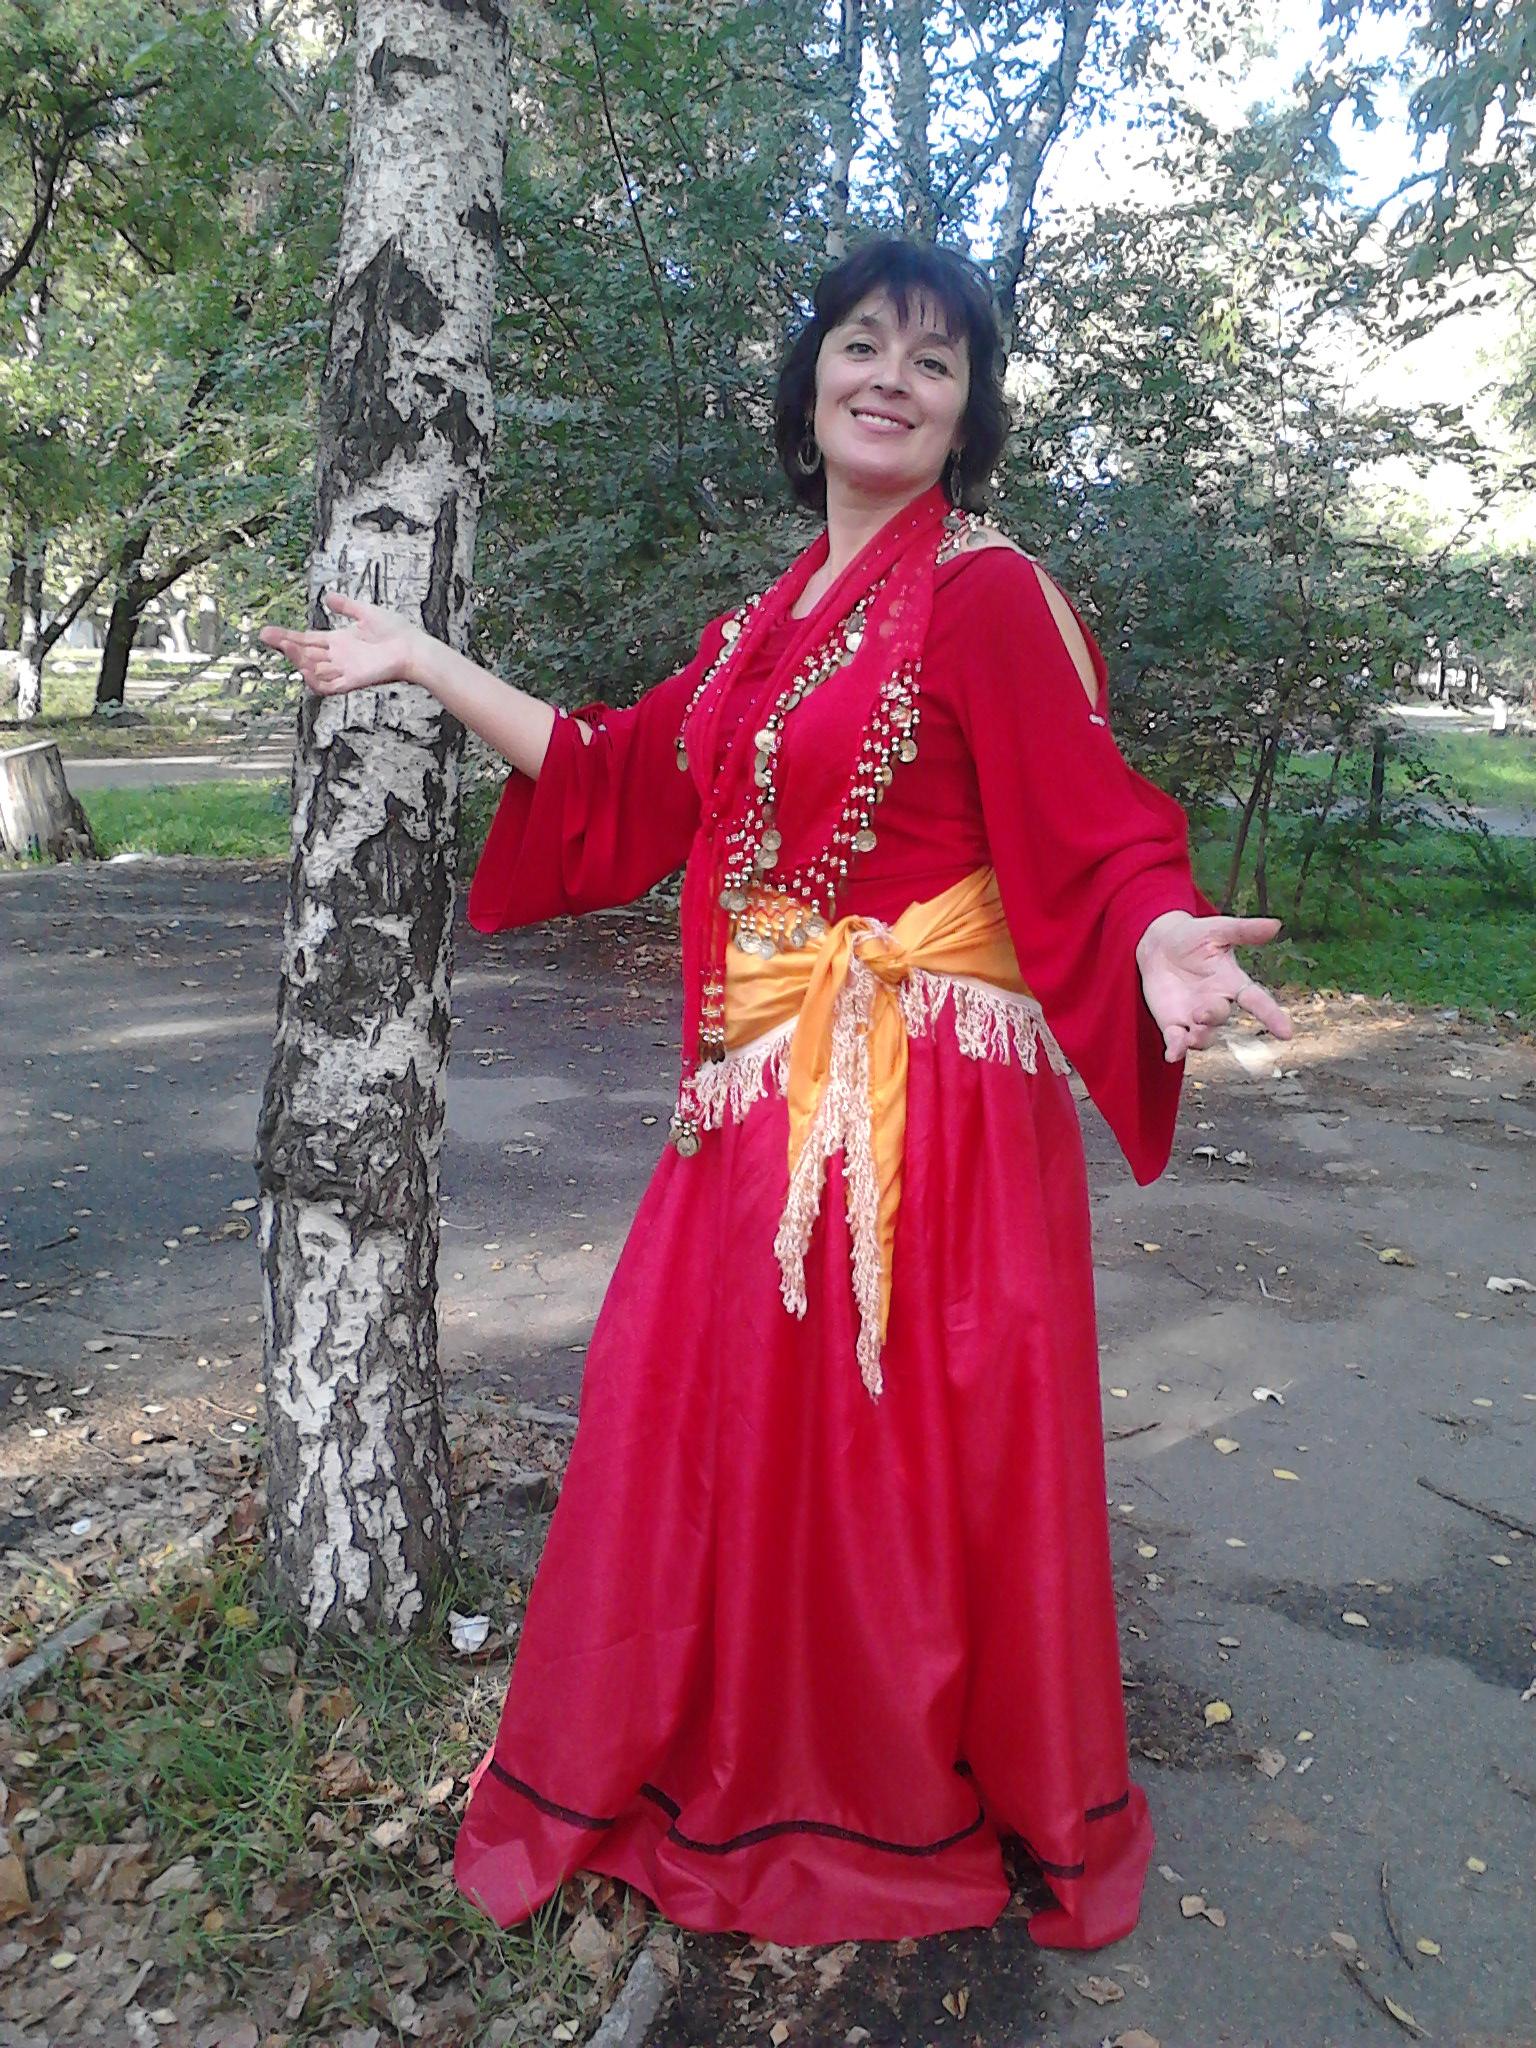 Сценарий поздравления цыганки на юбилей женщине6